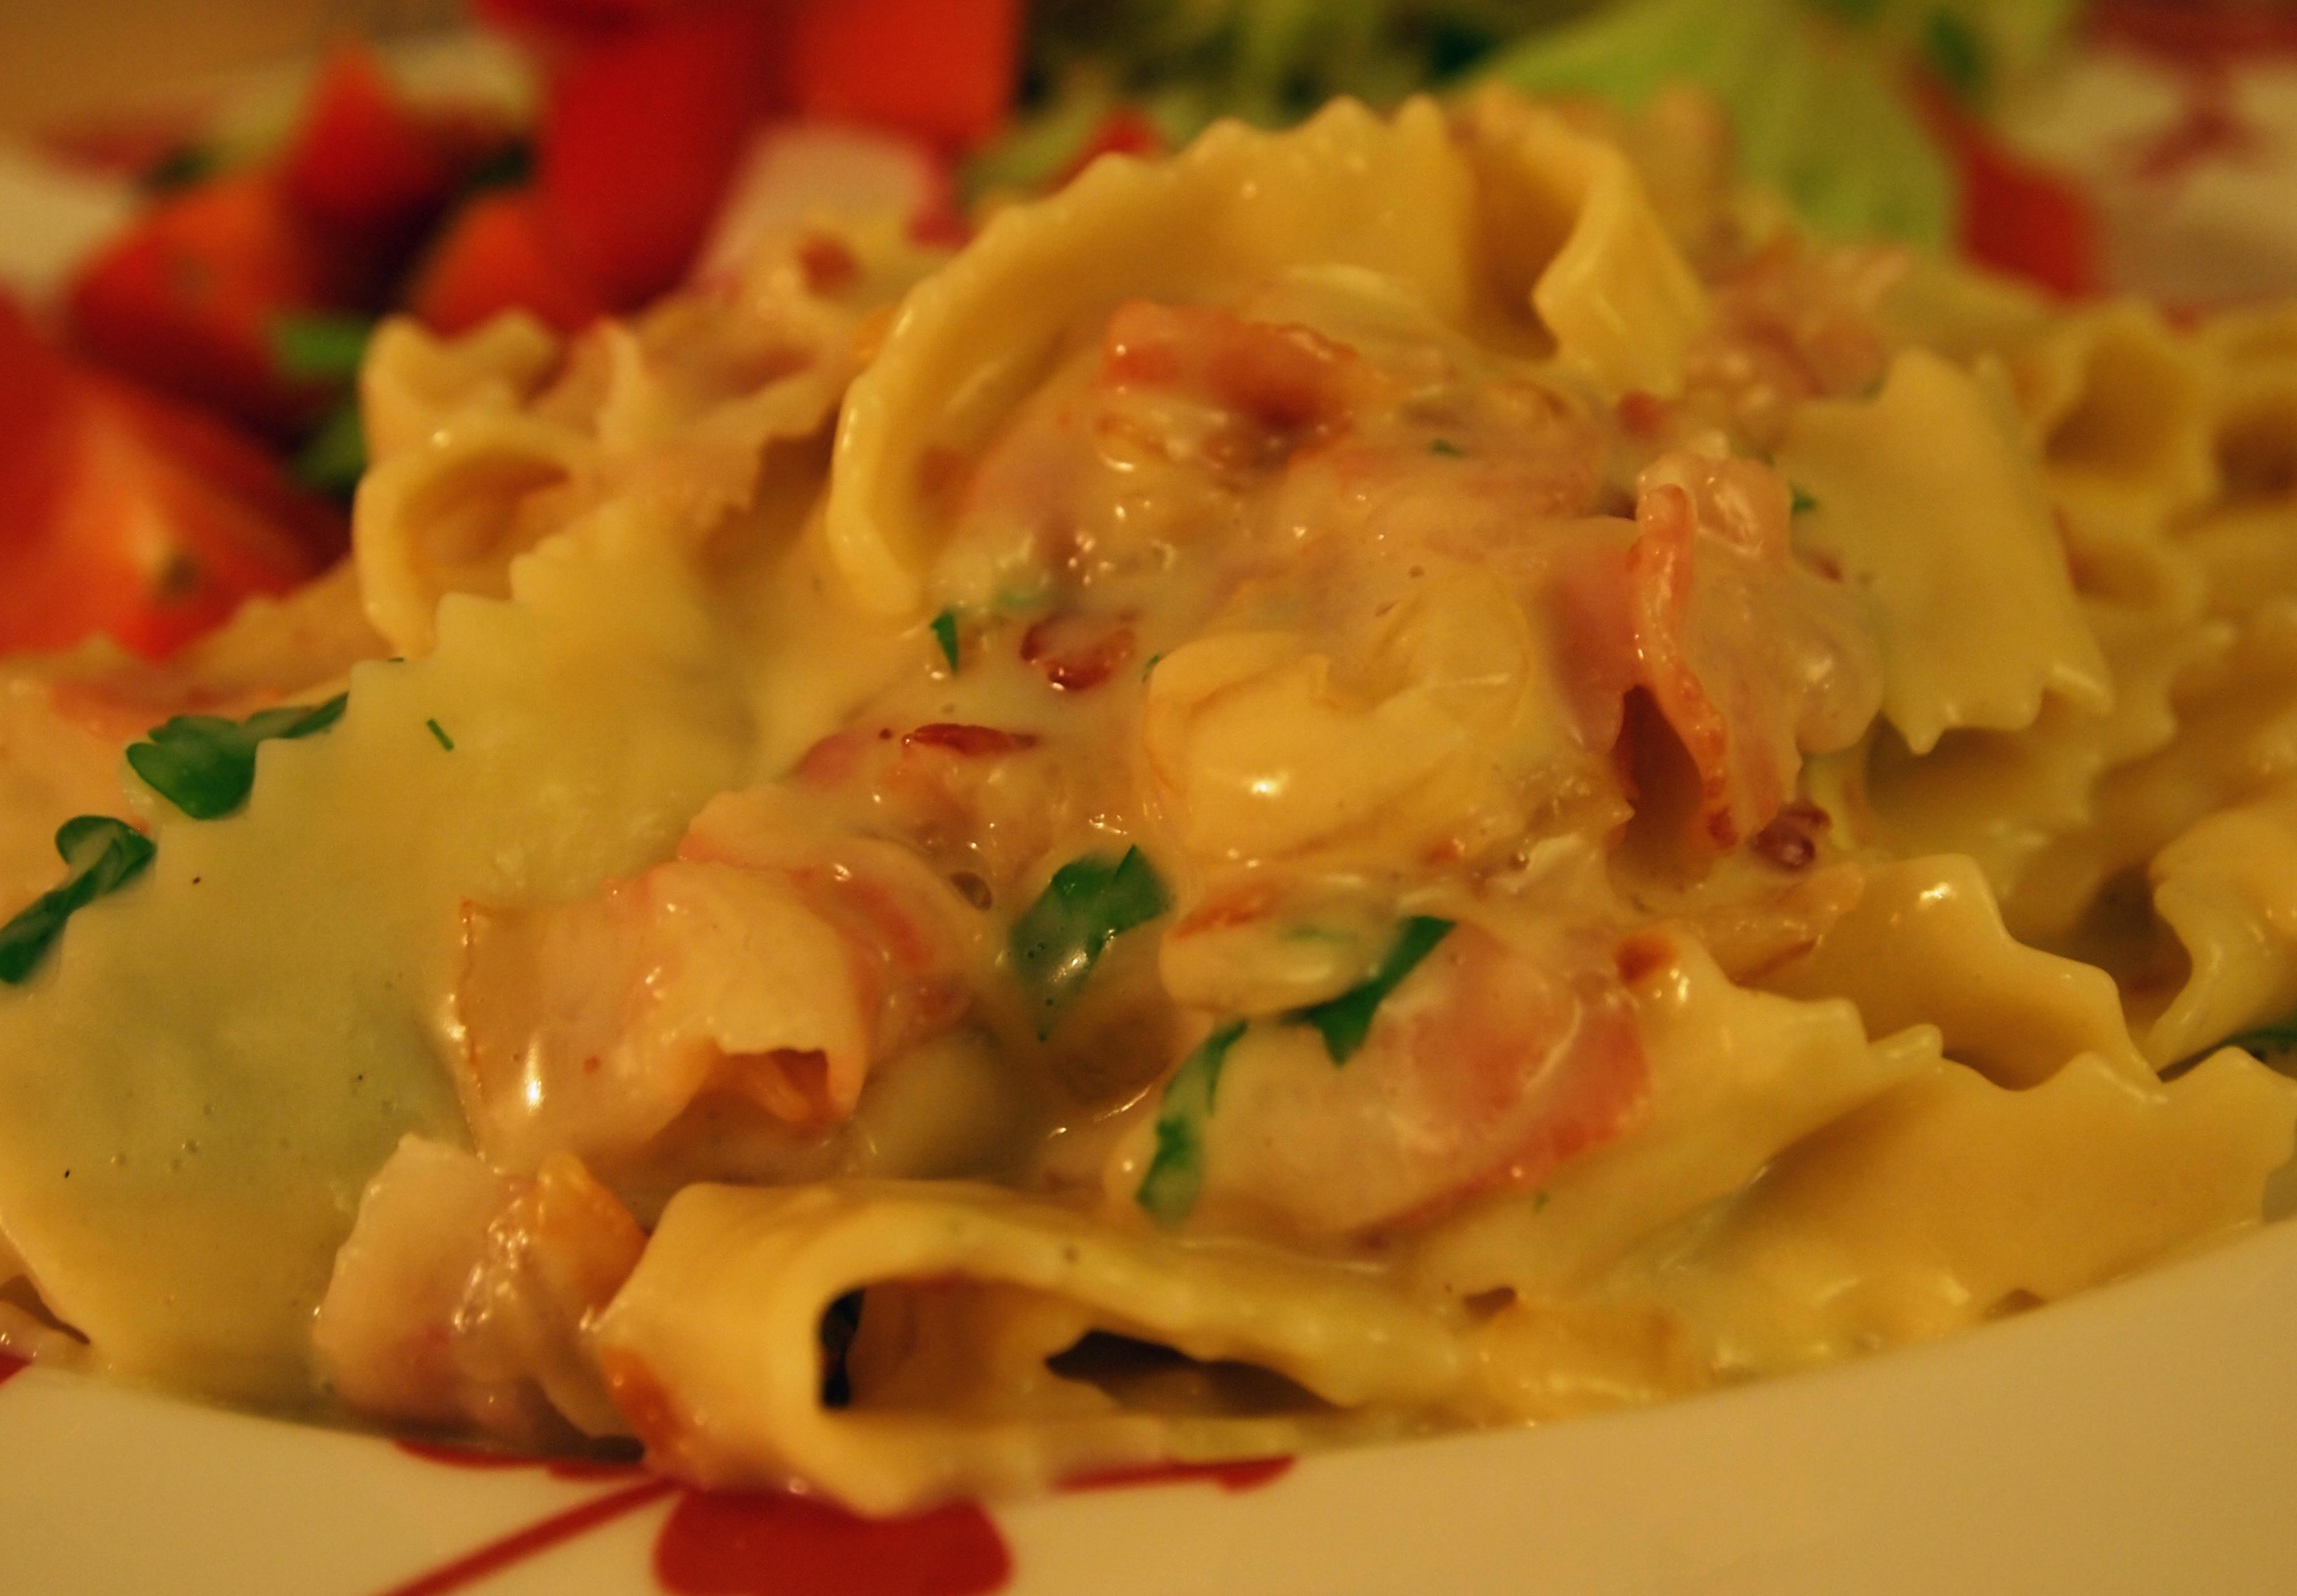 ... oil pasta carbonara the silkiest carbonara the silkiest carbonara